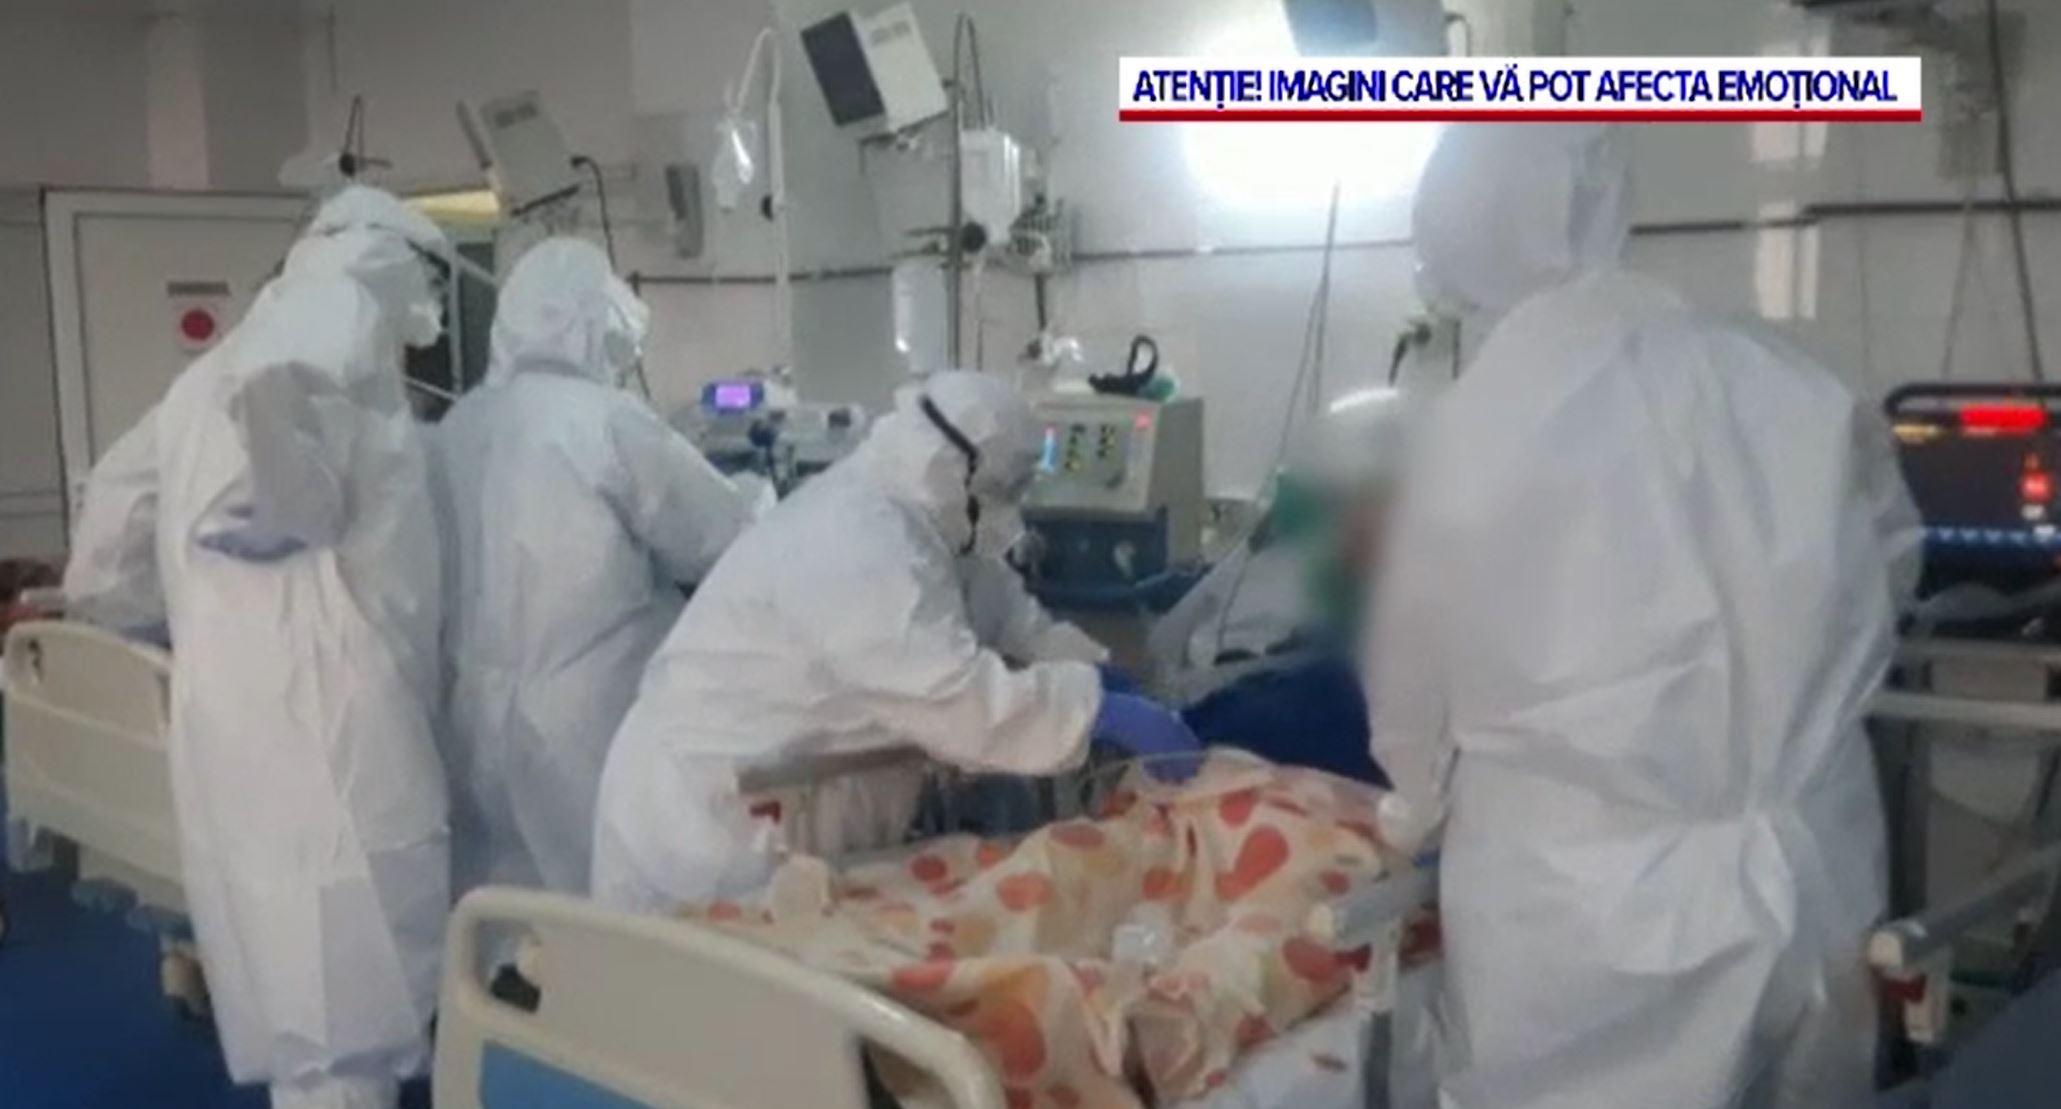 Impactul dramatic al valului 3 de COVID: Tot mai mulți pacienți ajung în stare gravă la ATI